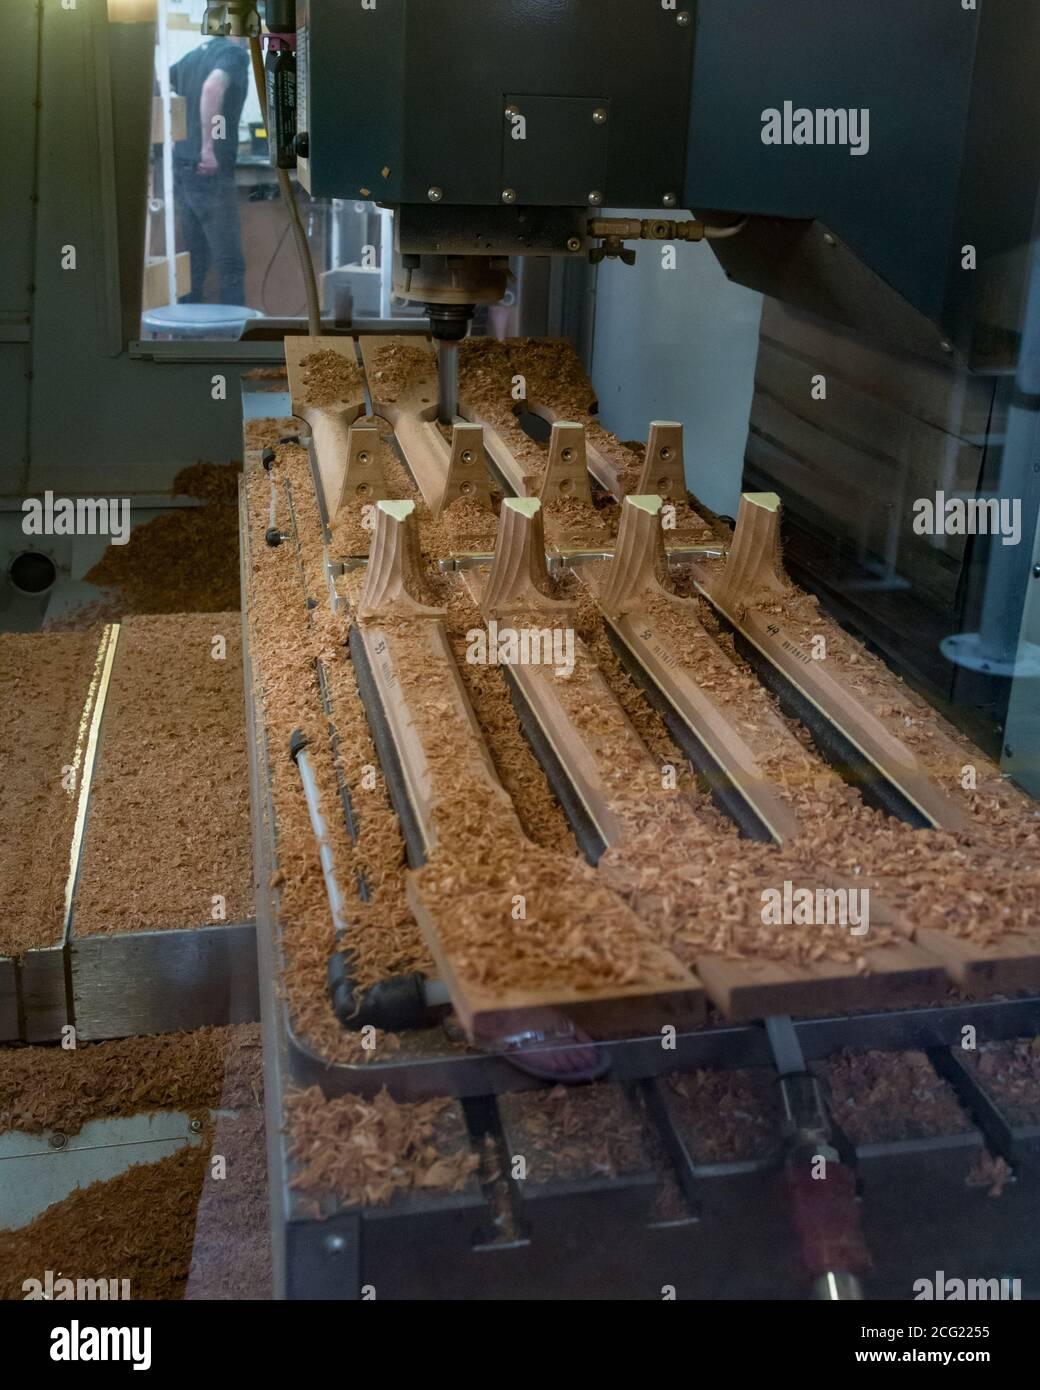 Eine computergesteuerte CNC-Präzisionsfräsmaschine formt Gitarrenhälse in der Taylor Guitar Fabrik in El Cajon, Kalifornien, USA. Stockfoto